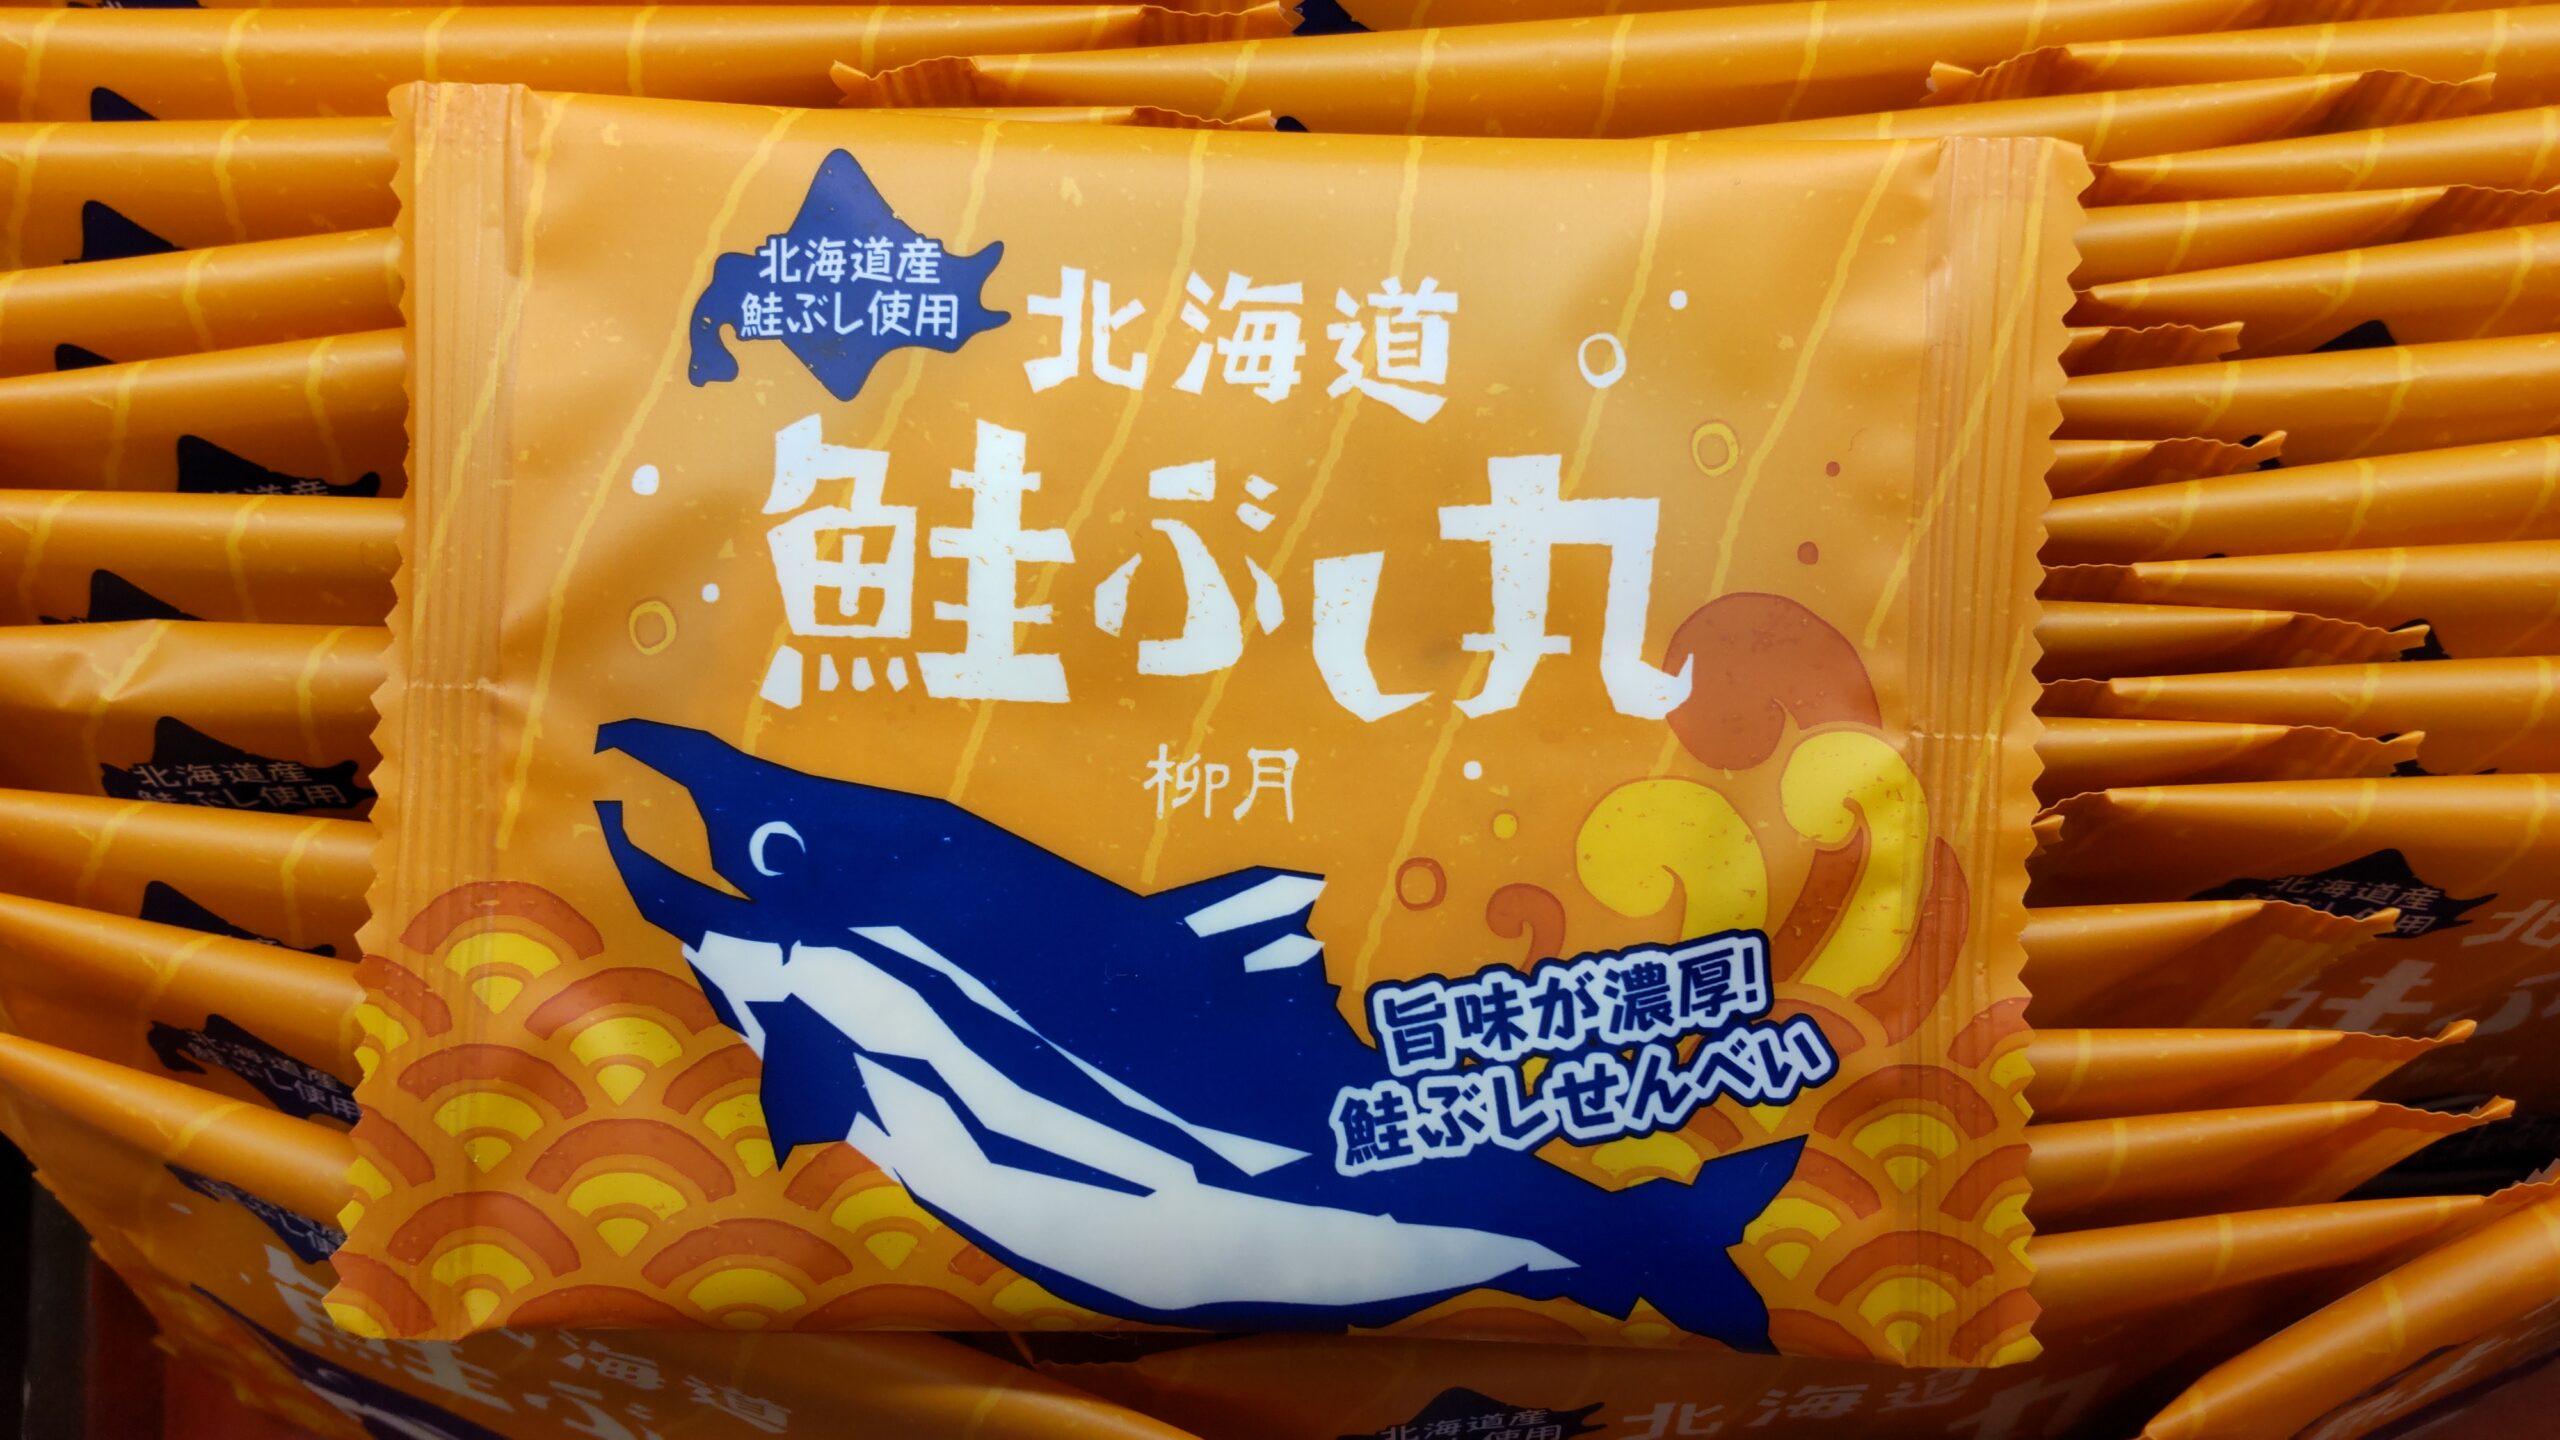 柳月「北海道 鮭ぶし丸」